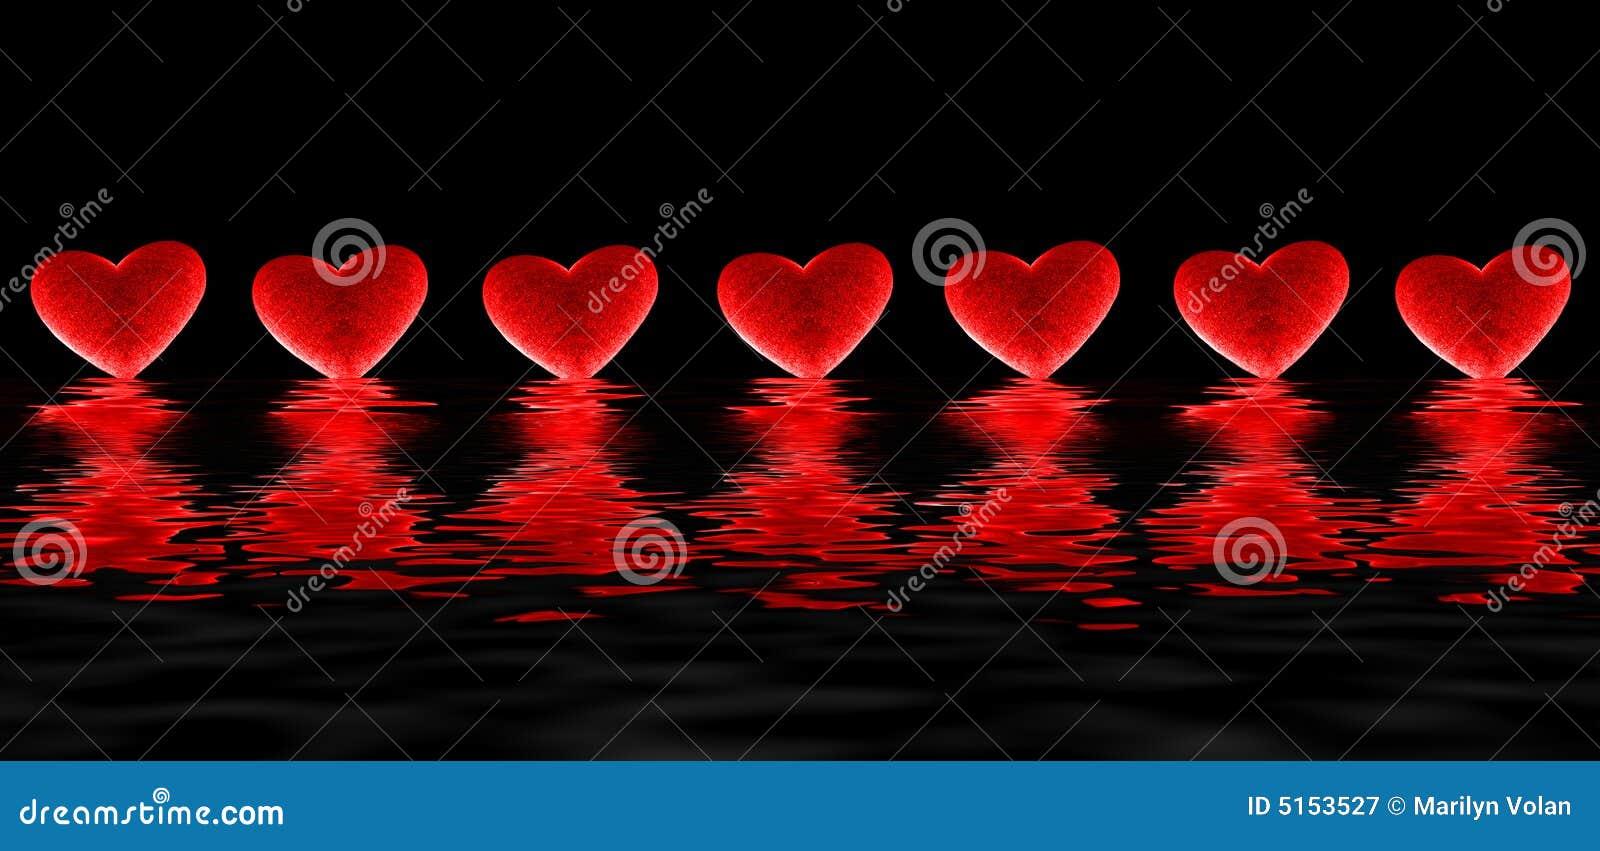 Corações de sangramento